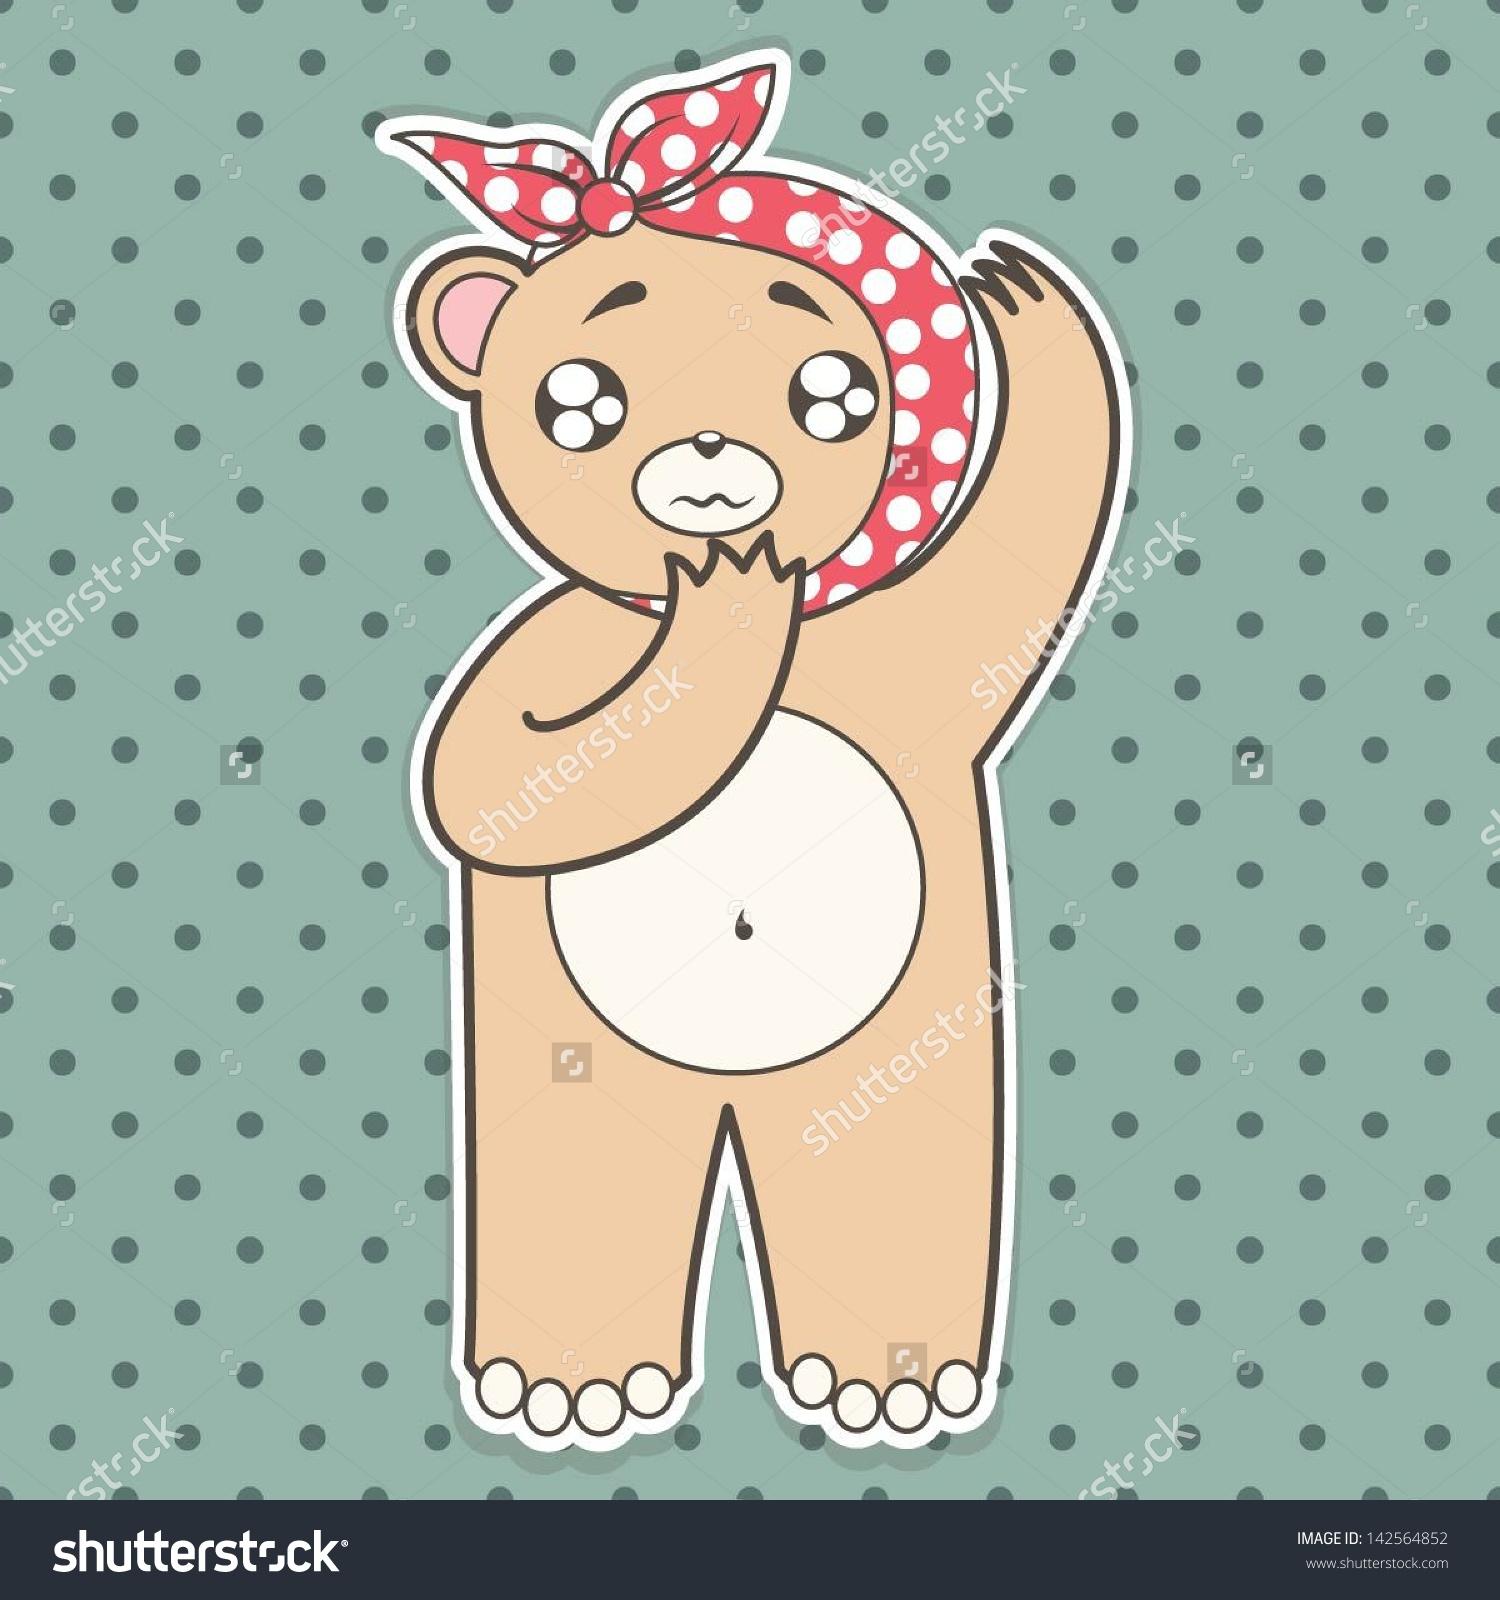 Sick Teddy Bear, Tooth Ache Or Ear Stock Vector Illustration.